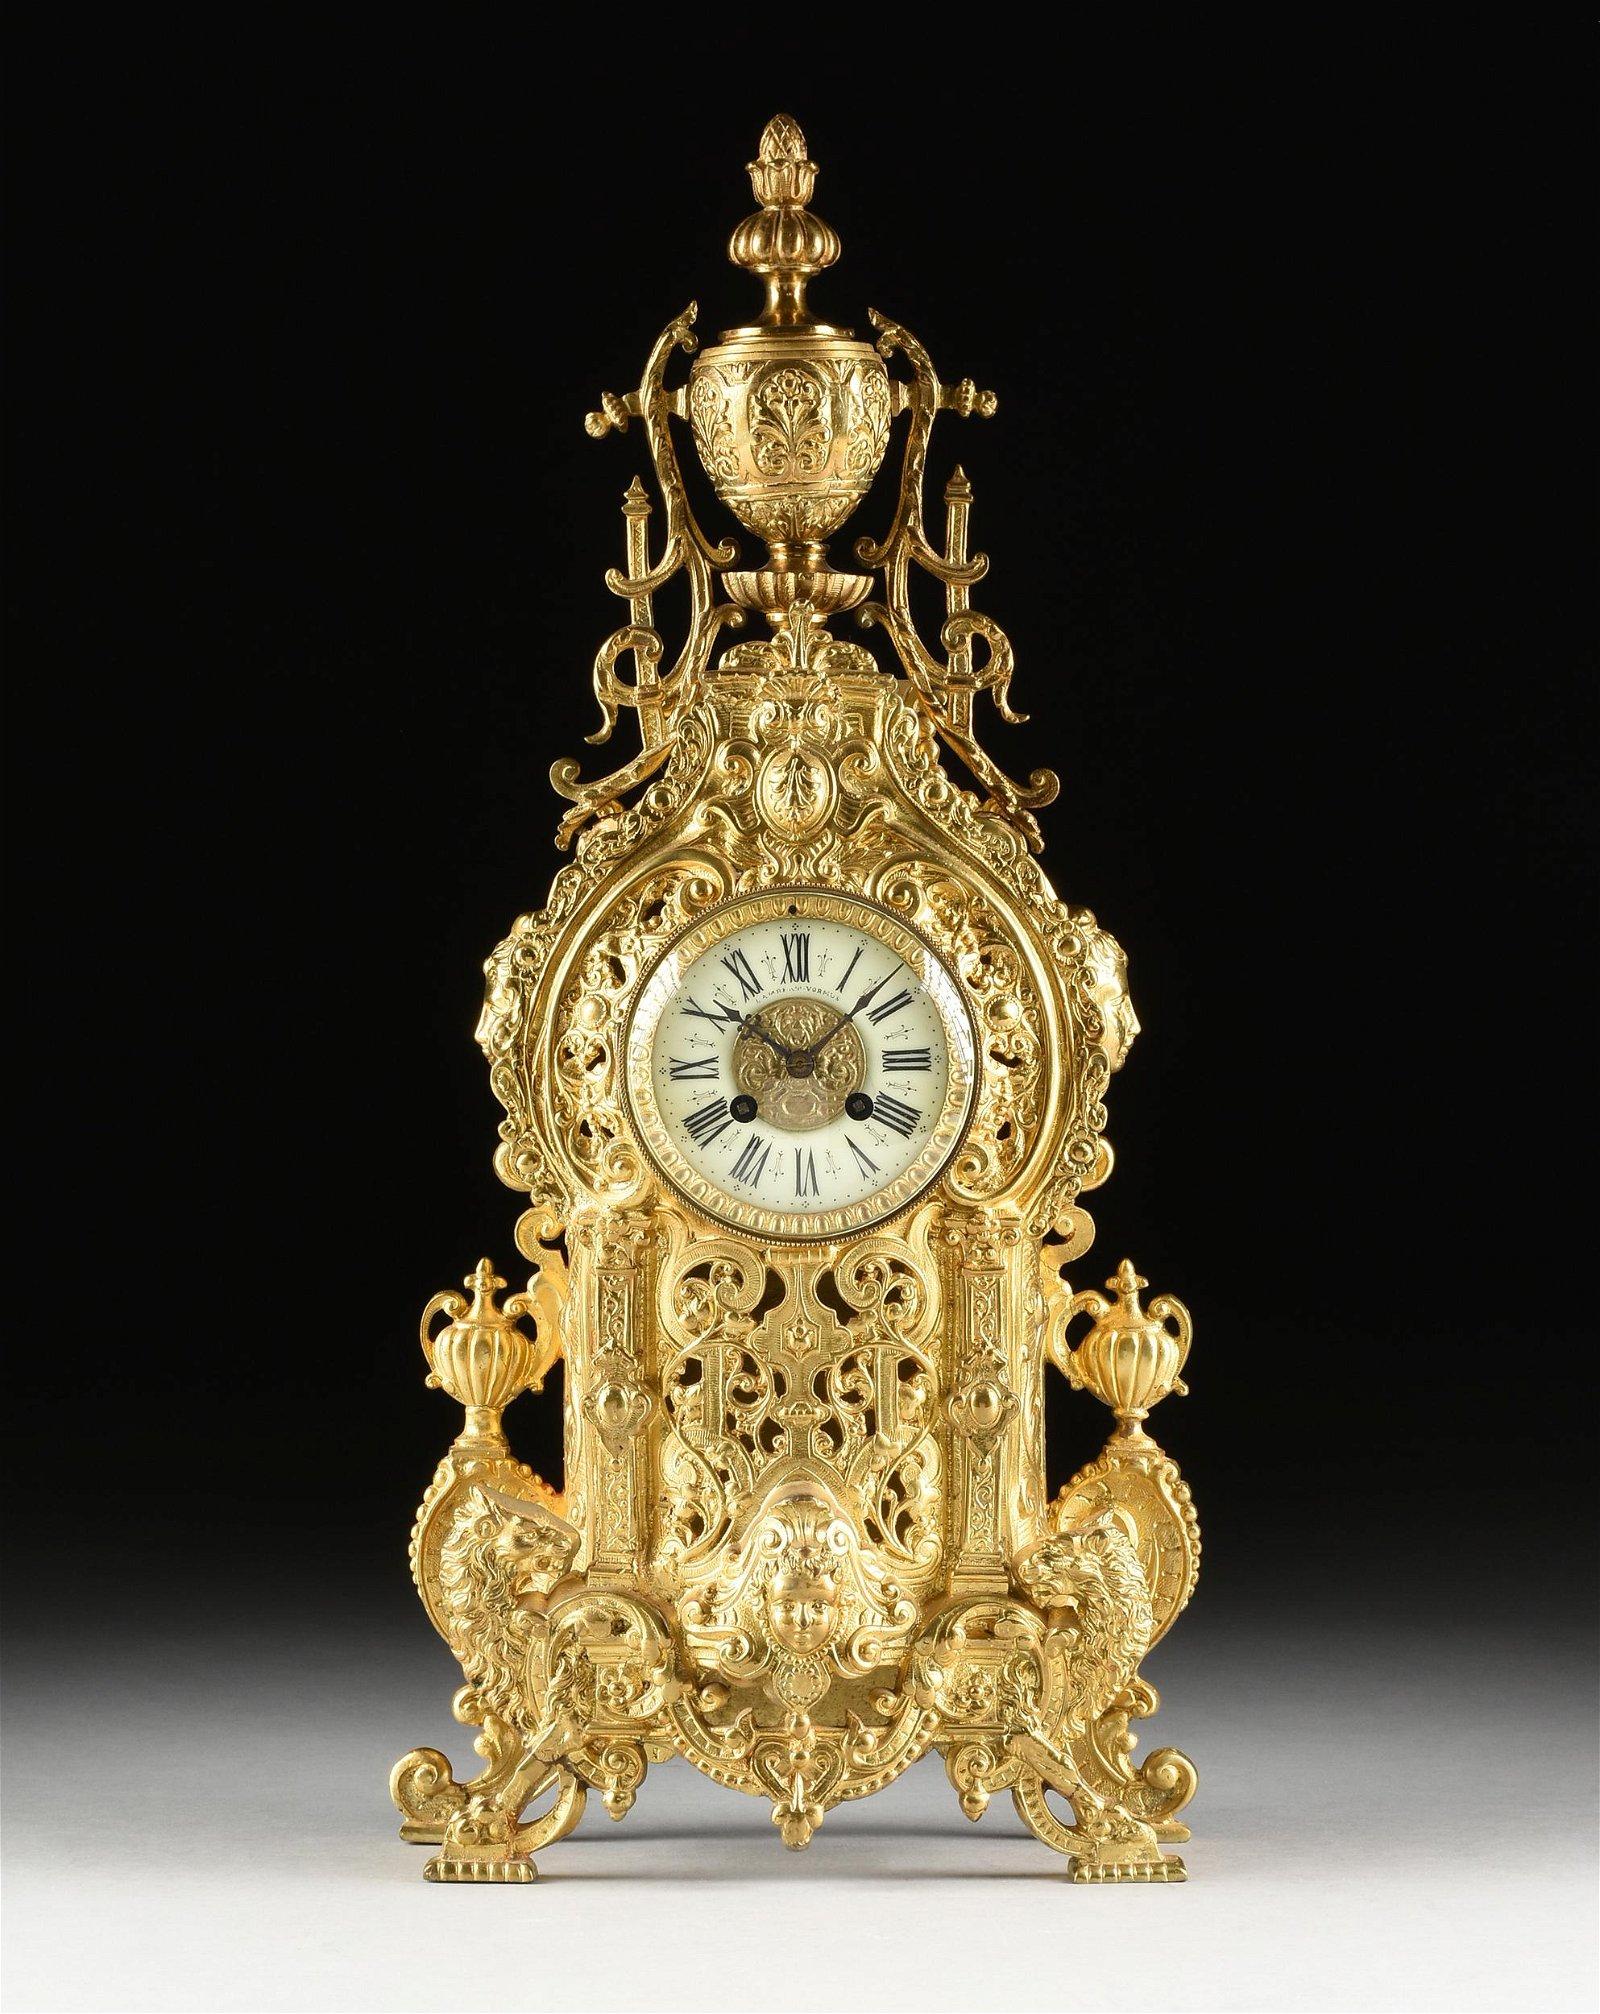 A FRENCH RENAISSANCE REVIVAL GILT BRONZE MANTLE CLOCK,